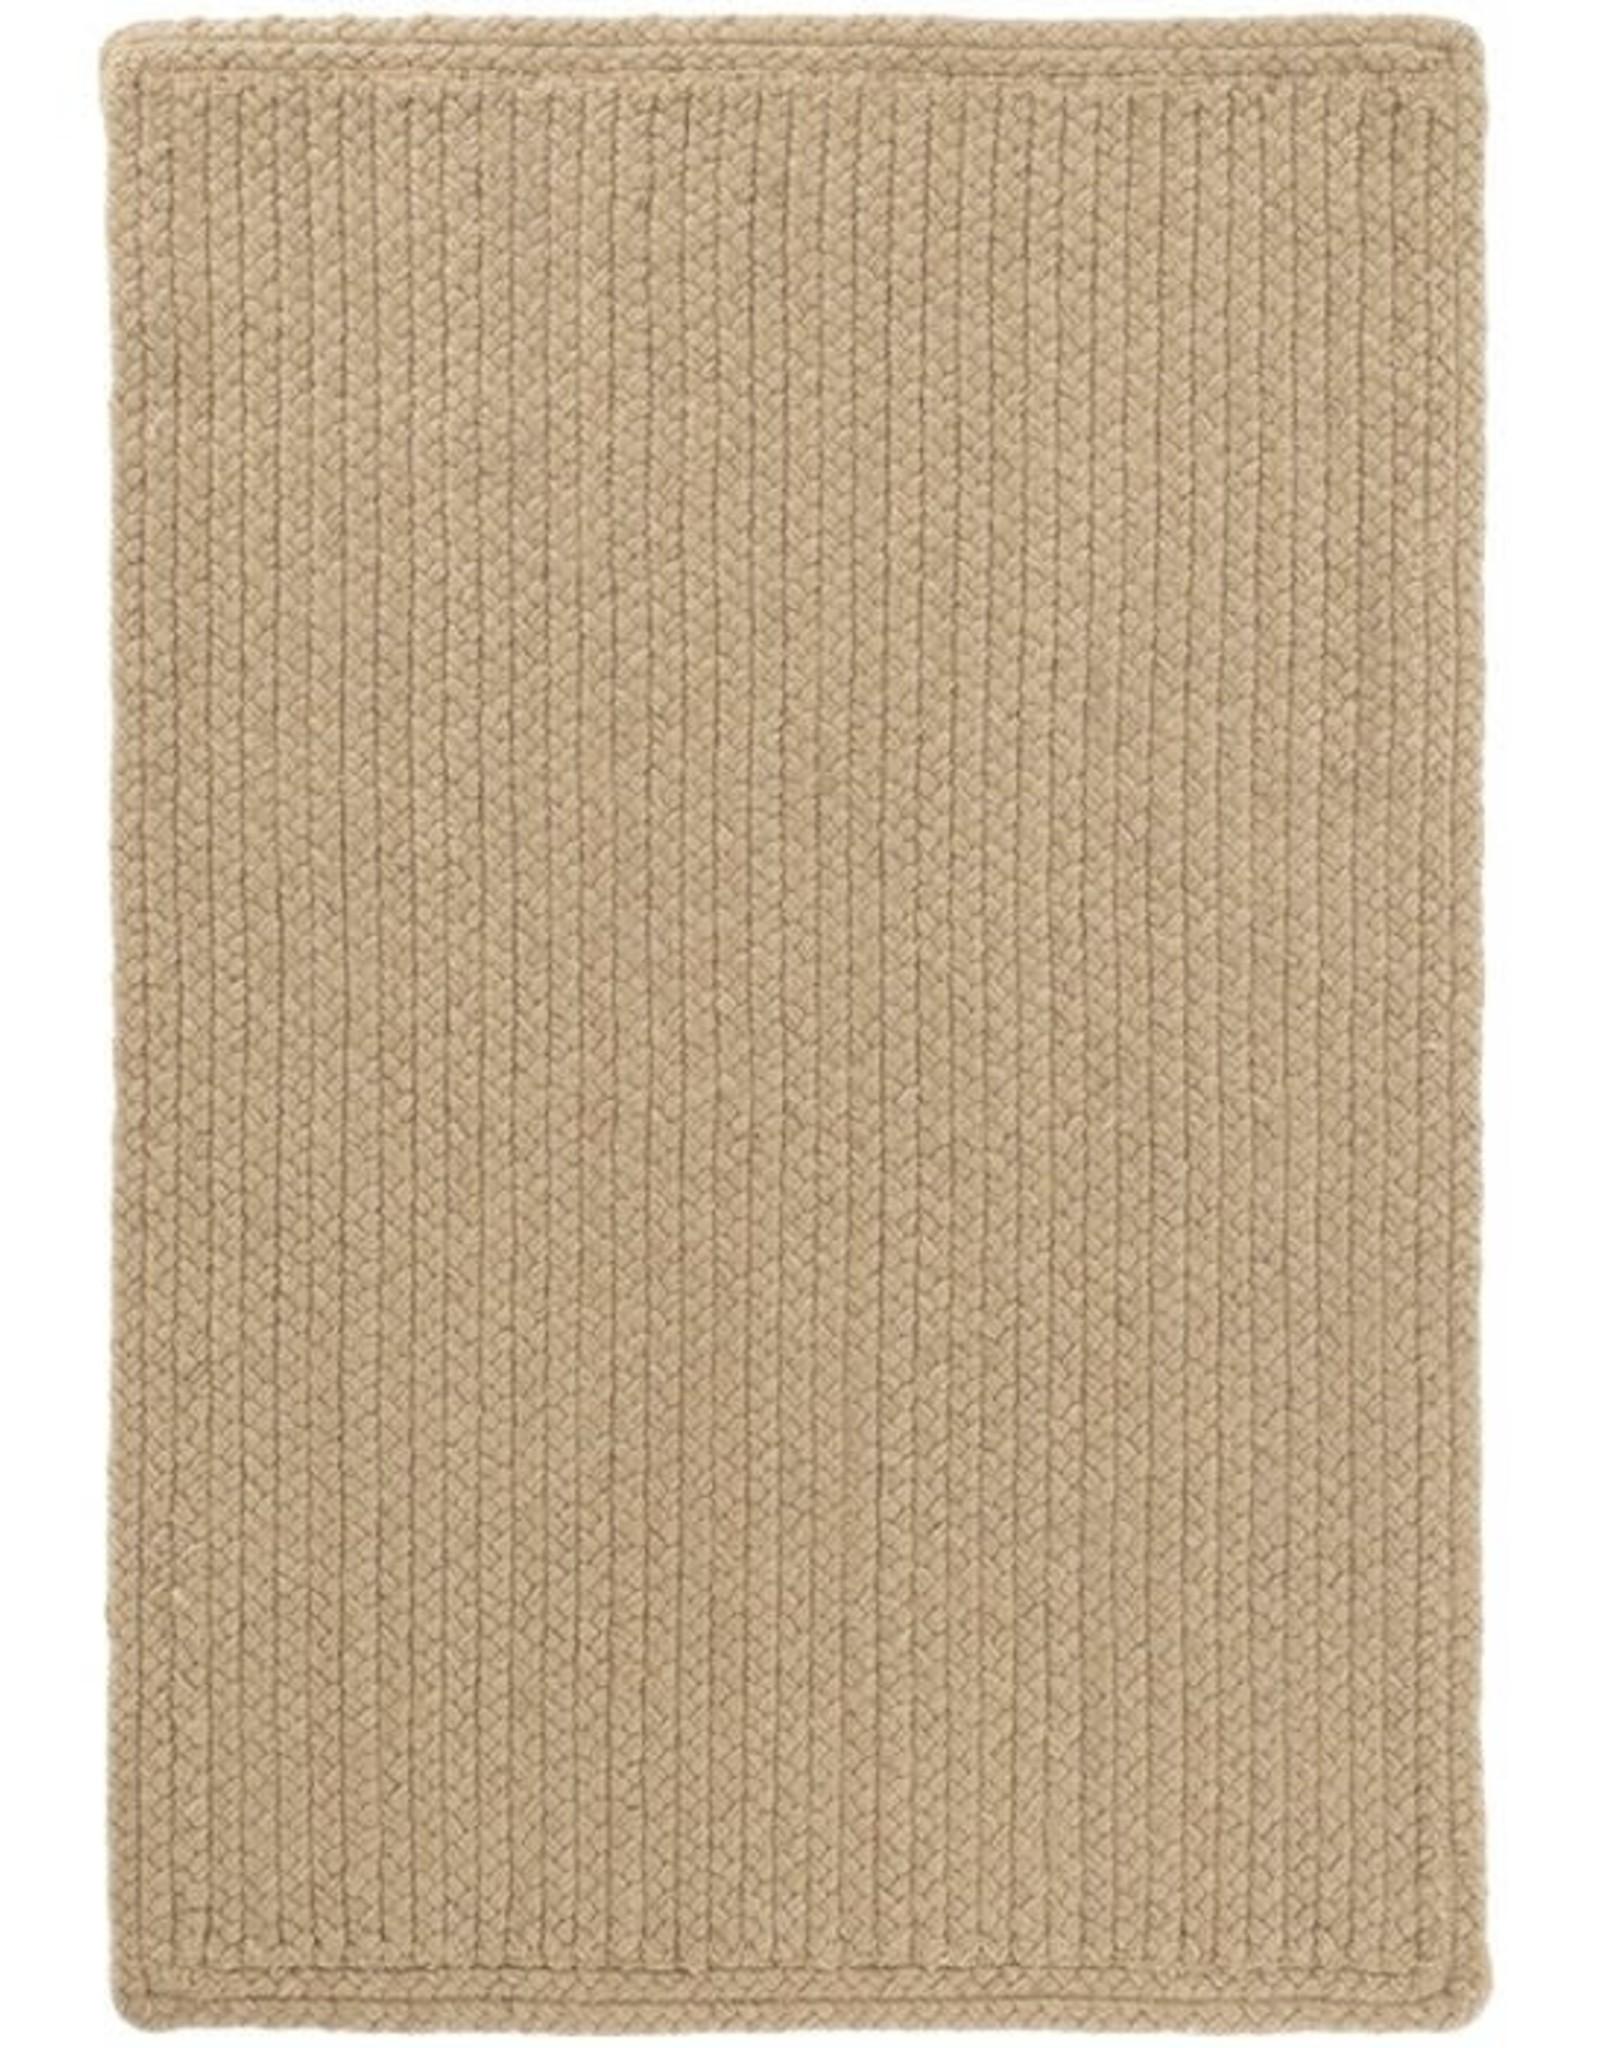 Rio 3'x5' Indoor/Outdoor Braided Rug